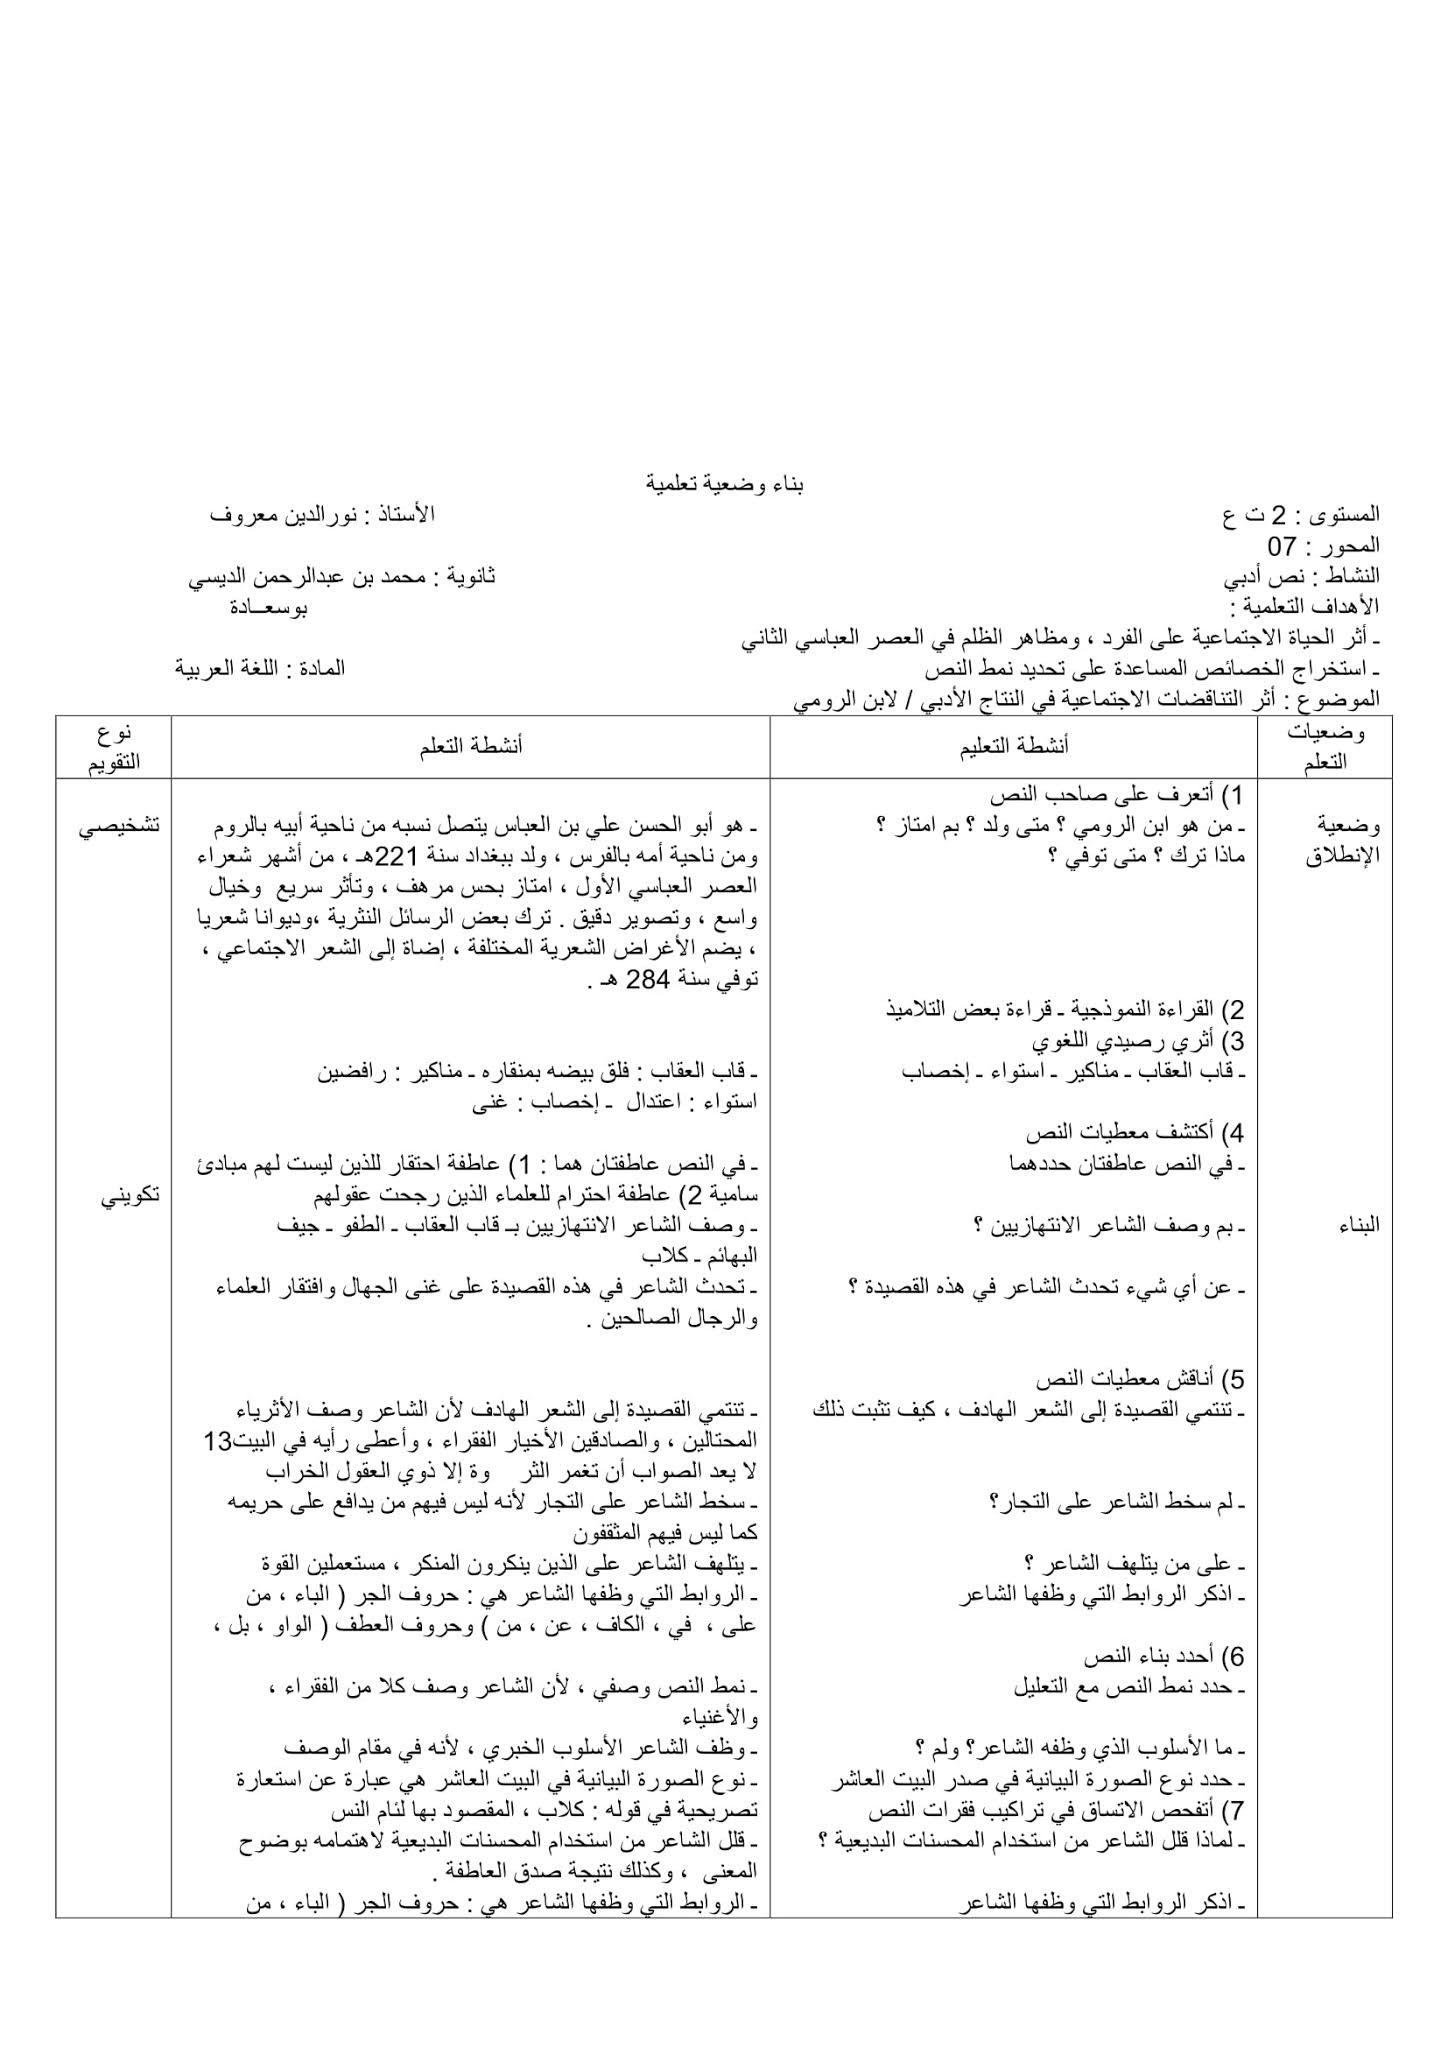 تحضير نص أثر التناقضات في النتاج الأدبي 2 ثانوي علمي صفحة 83 من الكتاب المدرسي